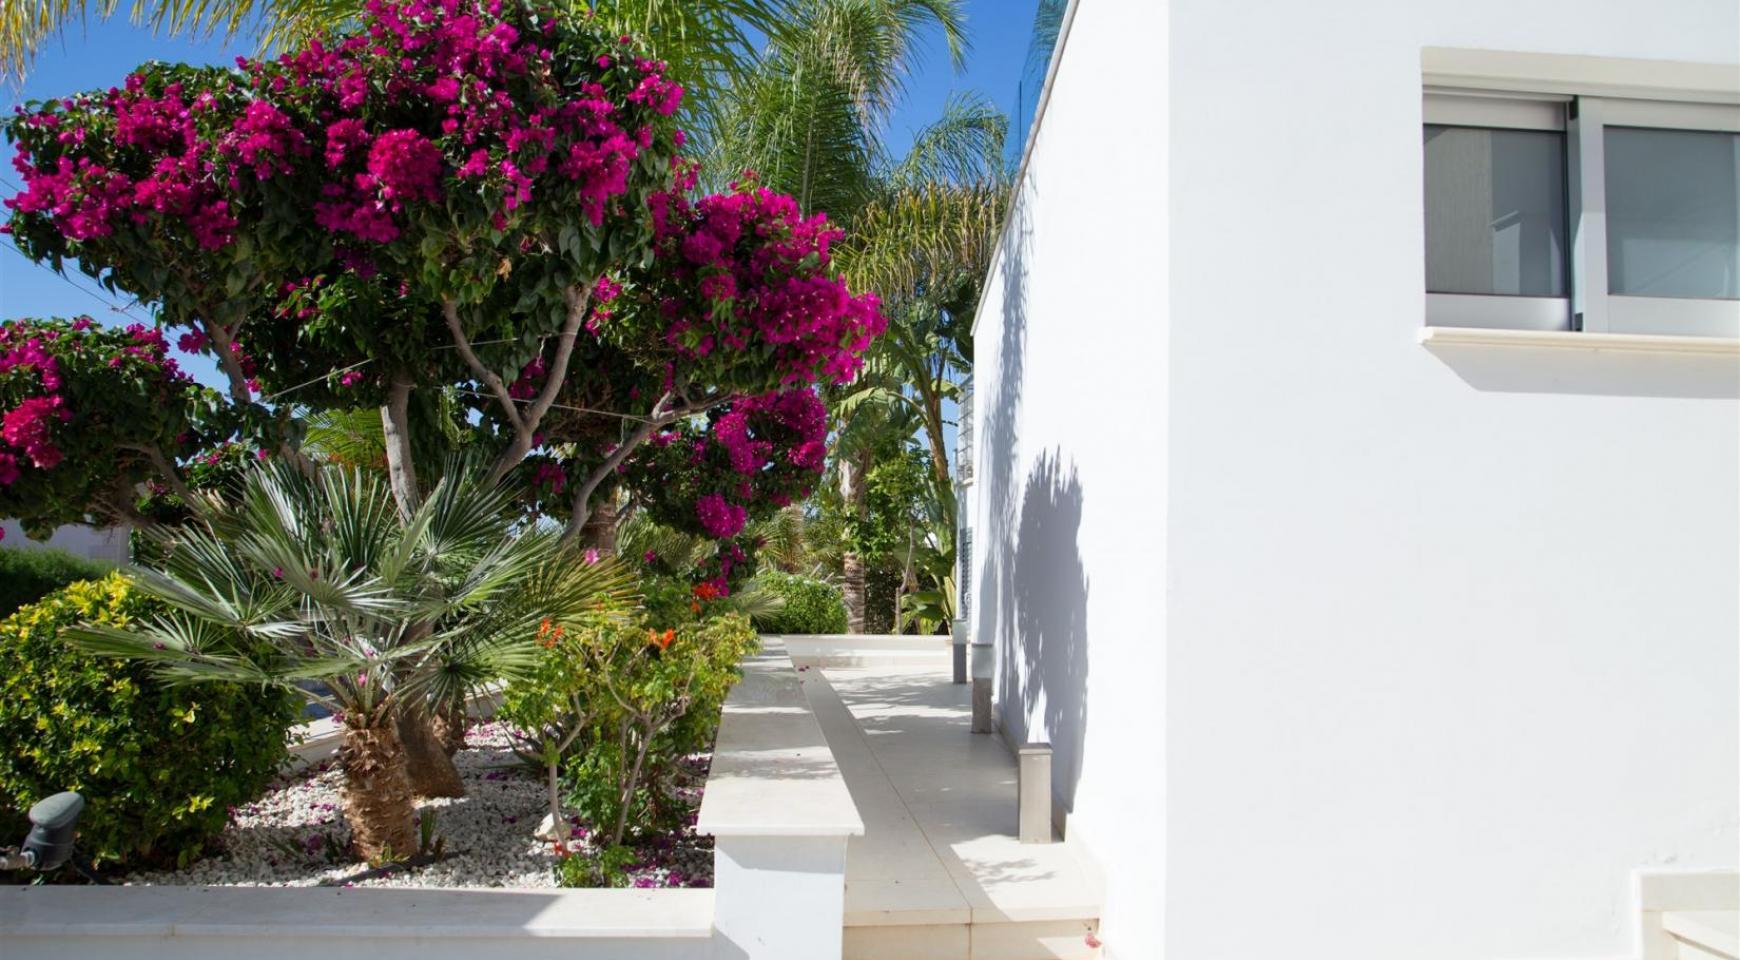 Contemporary 3 Bedroom Villa with Breathtaking Sea Views in Agios Tychonas - 32